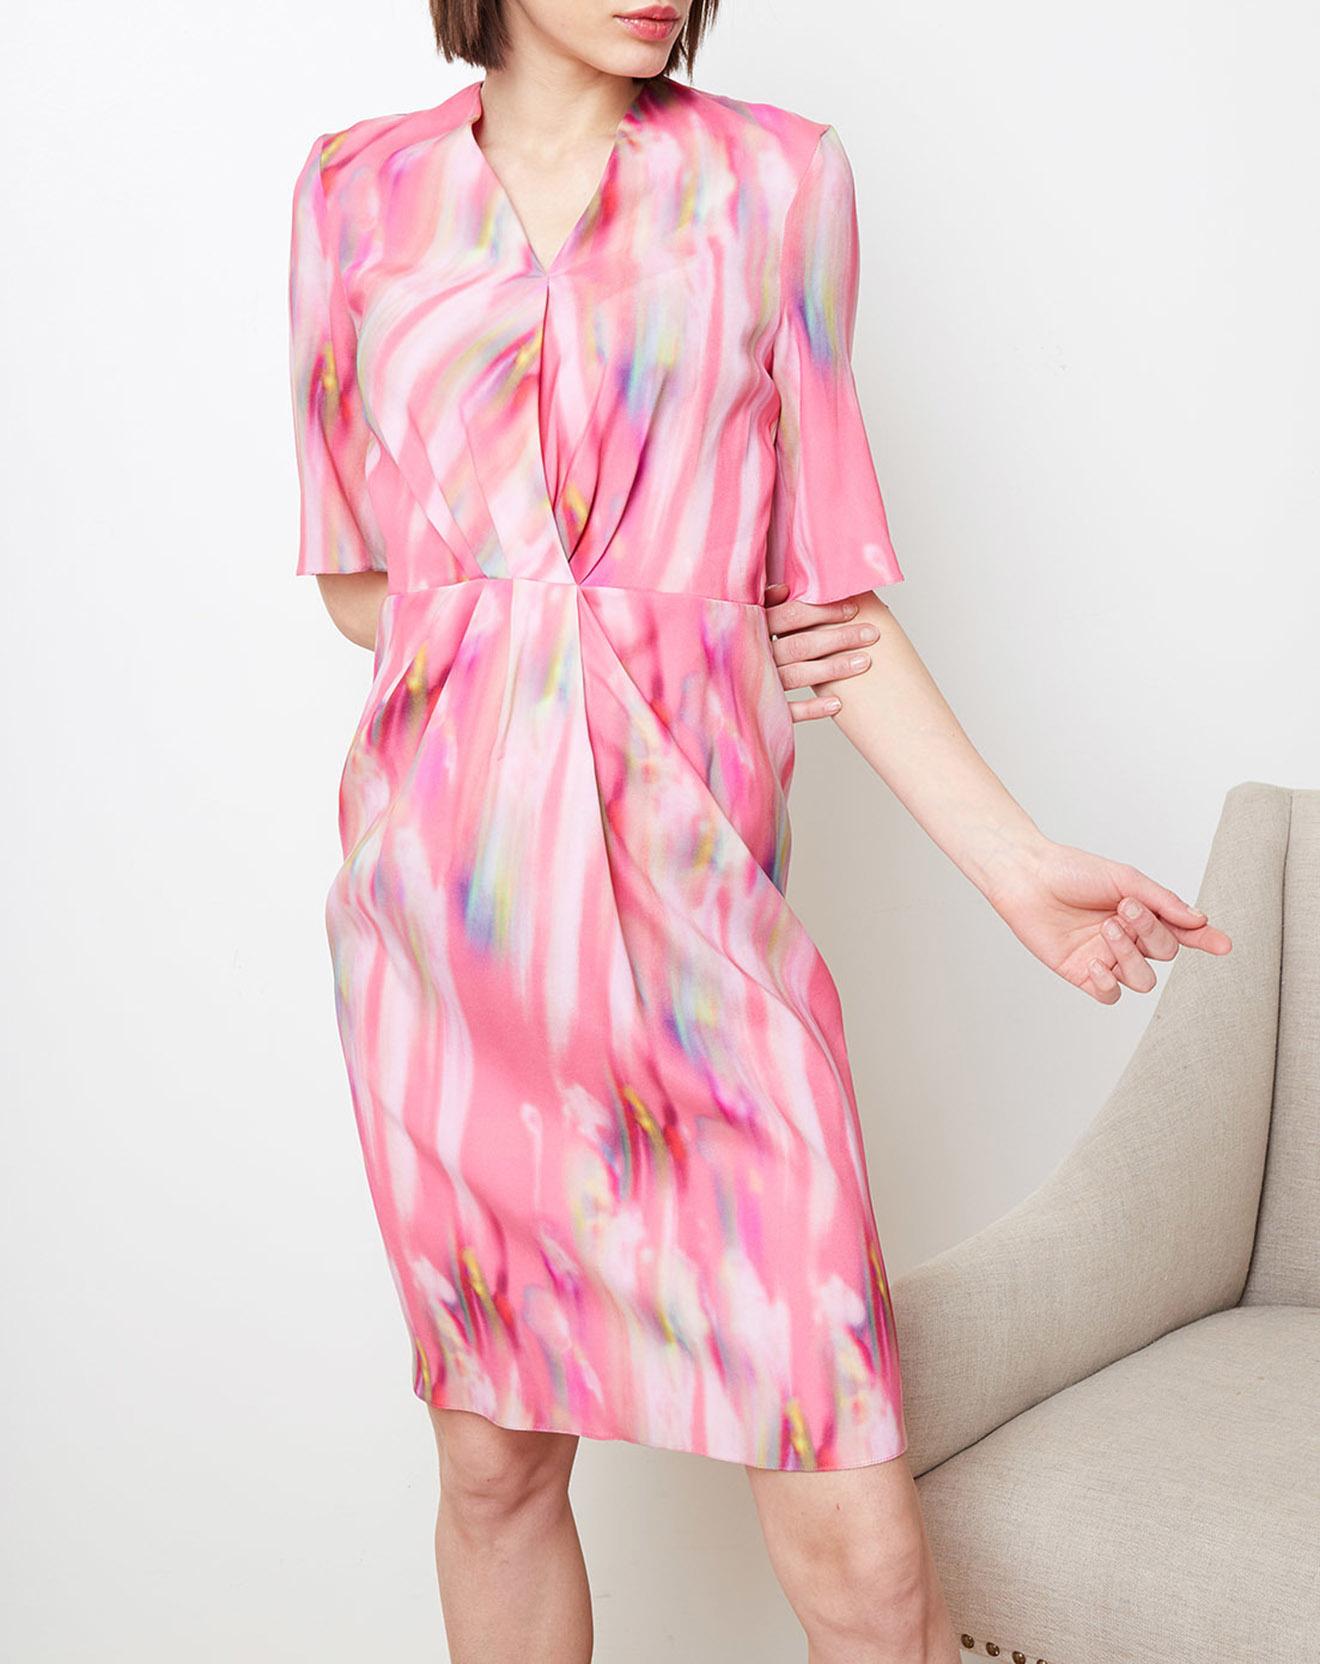 Robe portefeuille imprimée rose - Cacharel - Modalova